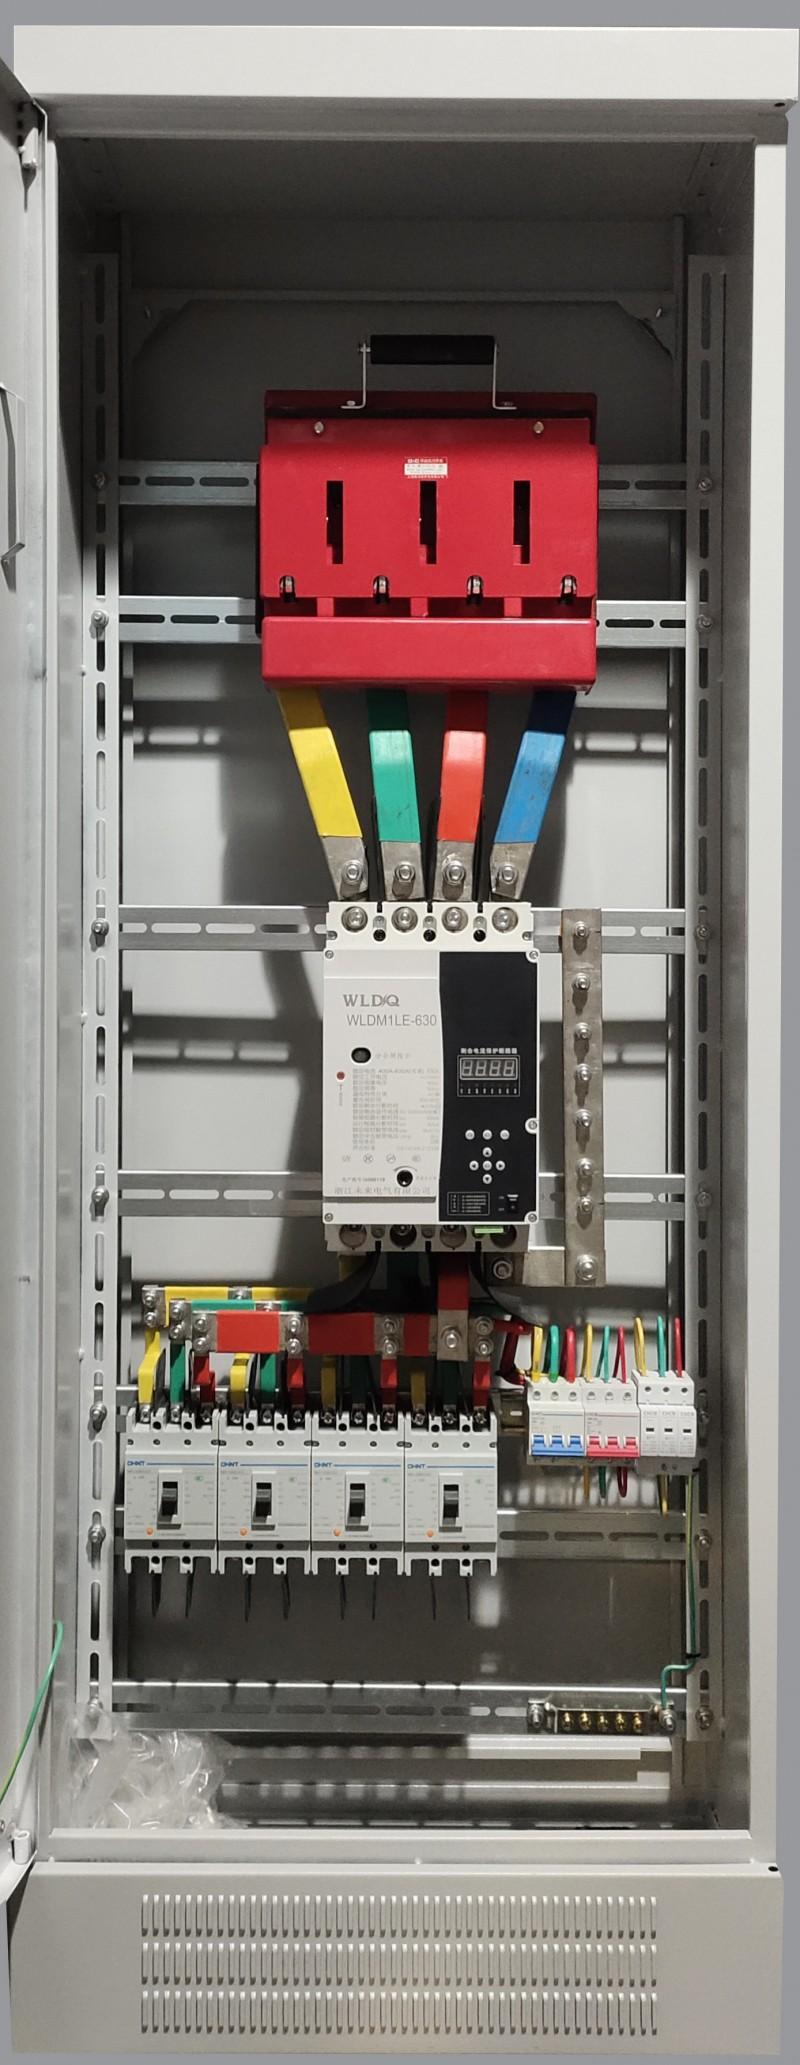 光伏并网配电柜400KW-- 唐山市一可光伏设备有限公司